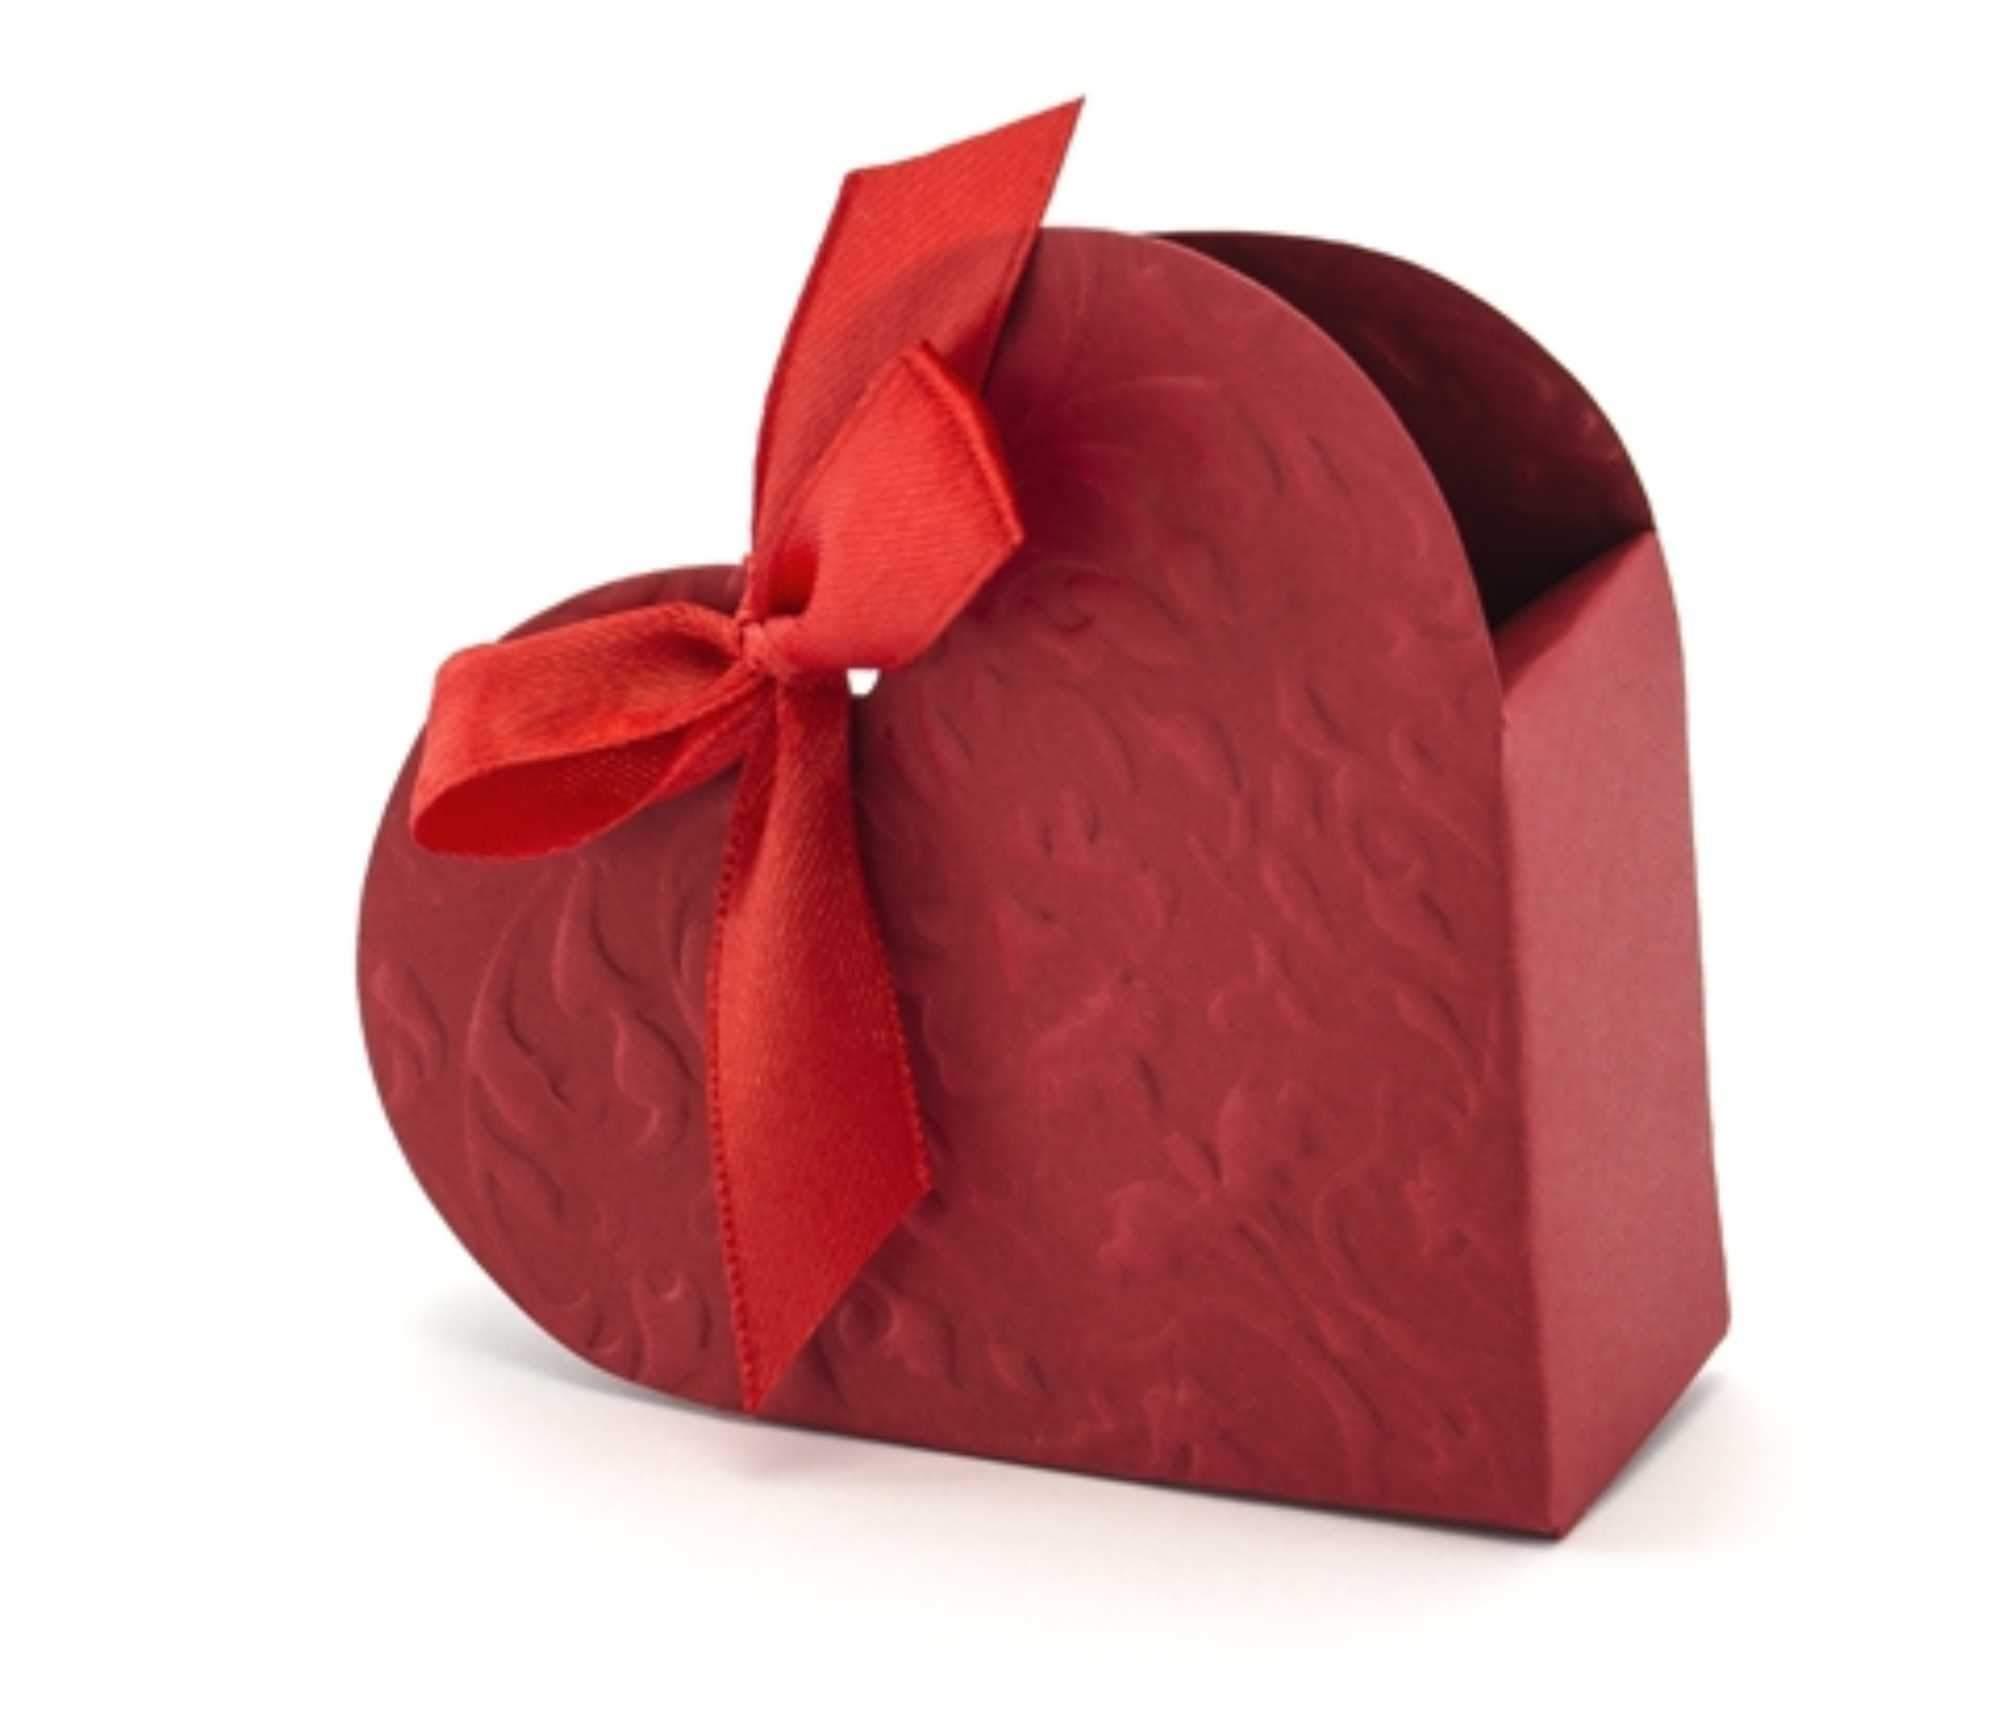 Κόκκινα κουτάκια Καρδιά με κορδέλα (10 τεμ)